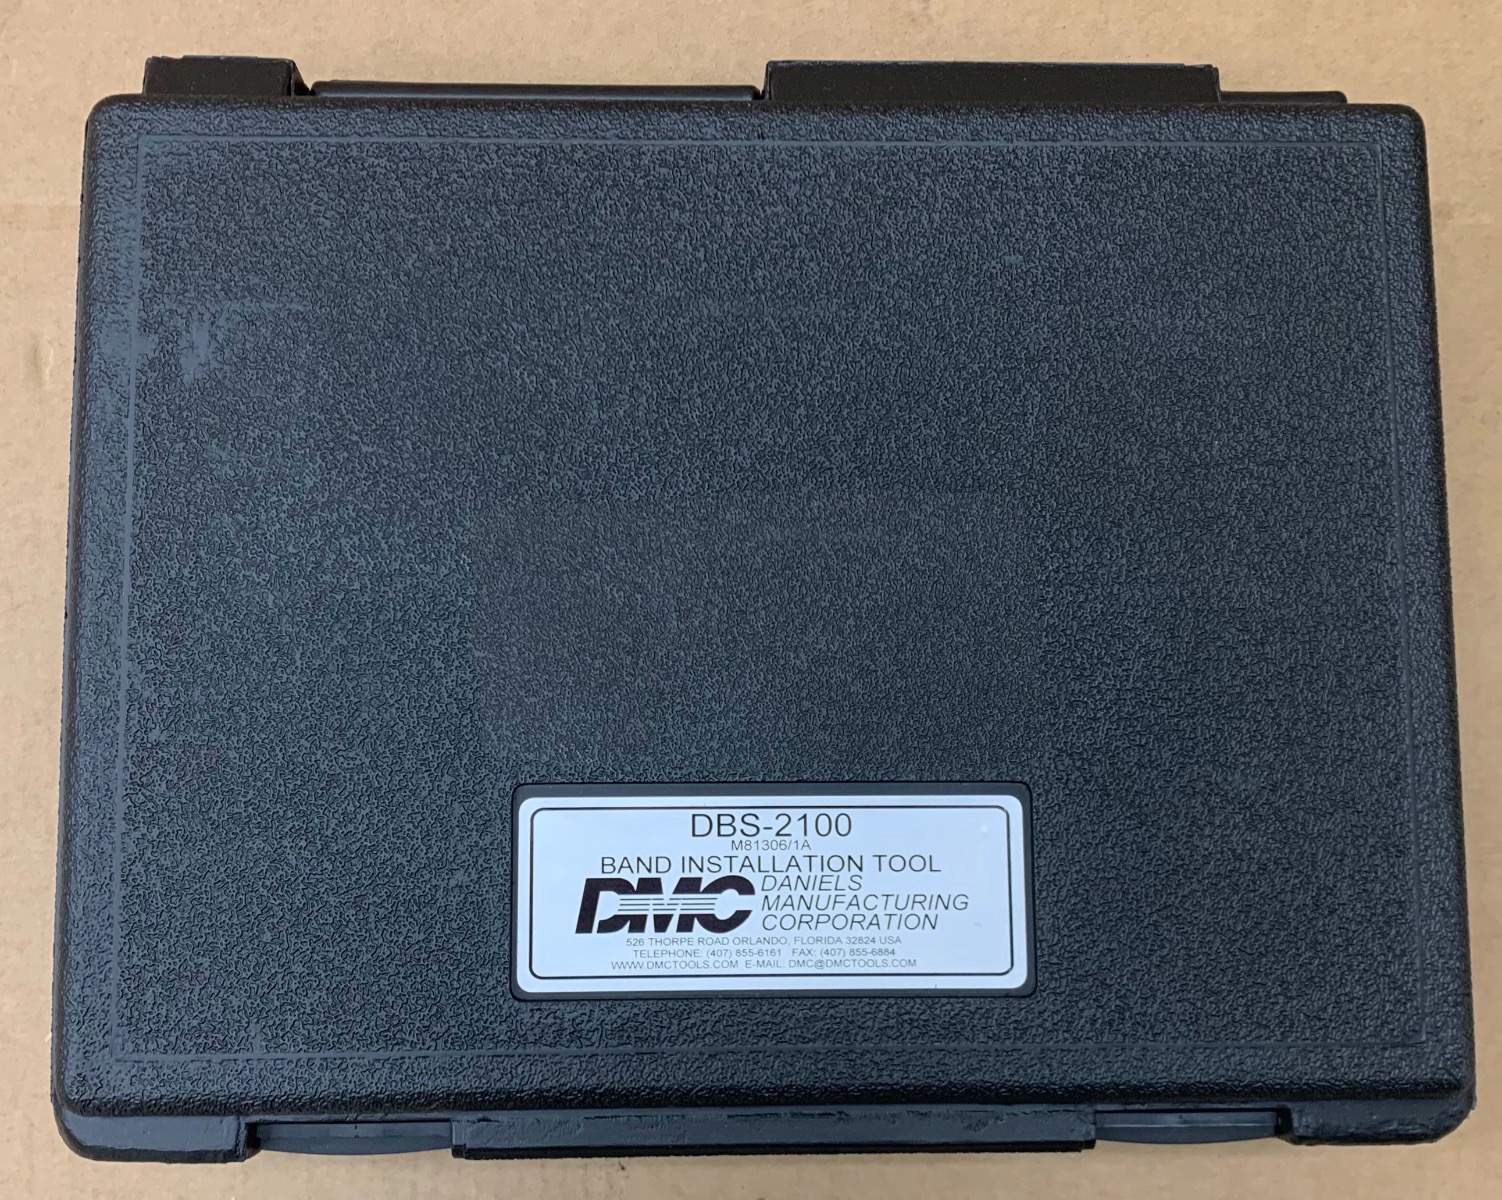 DBS-2100